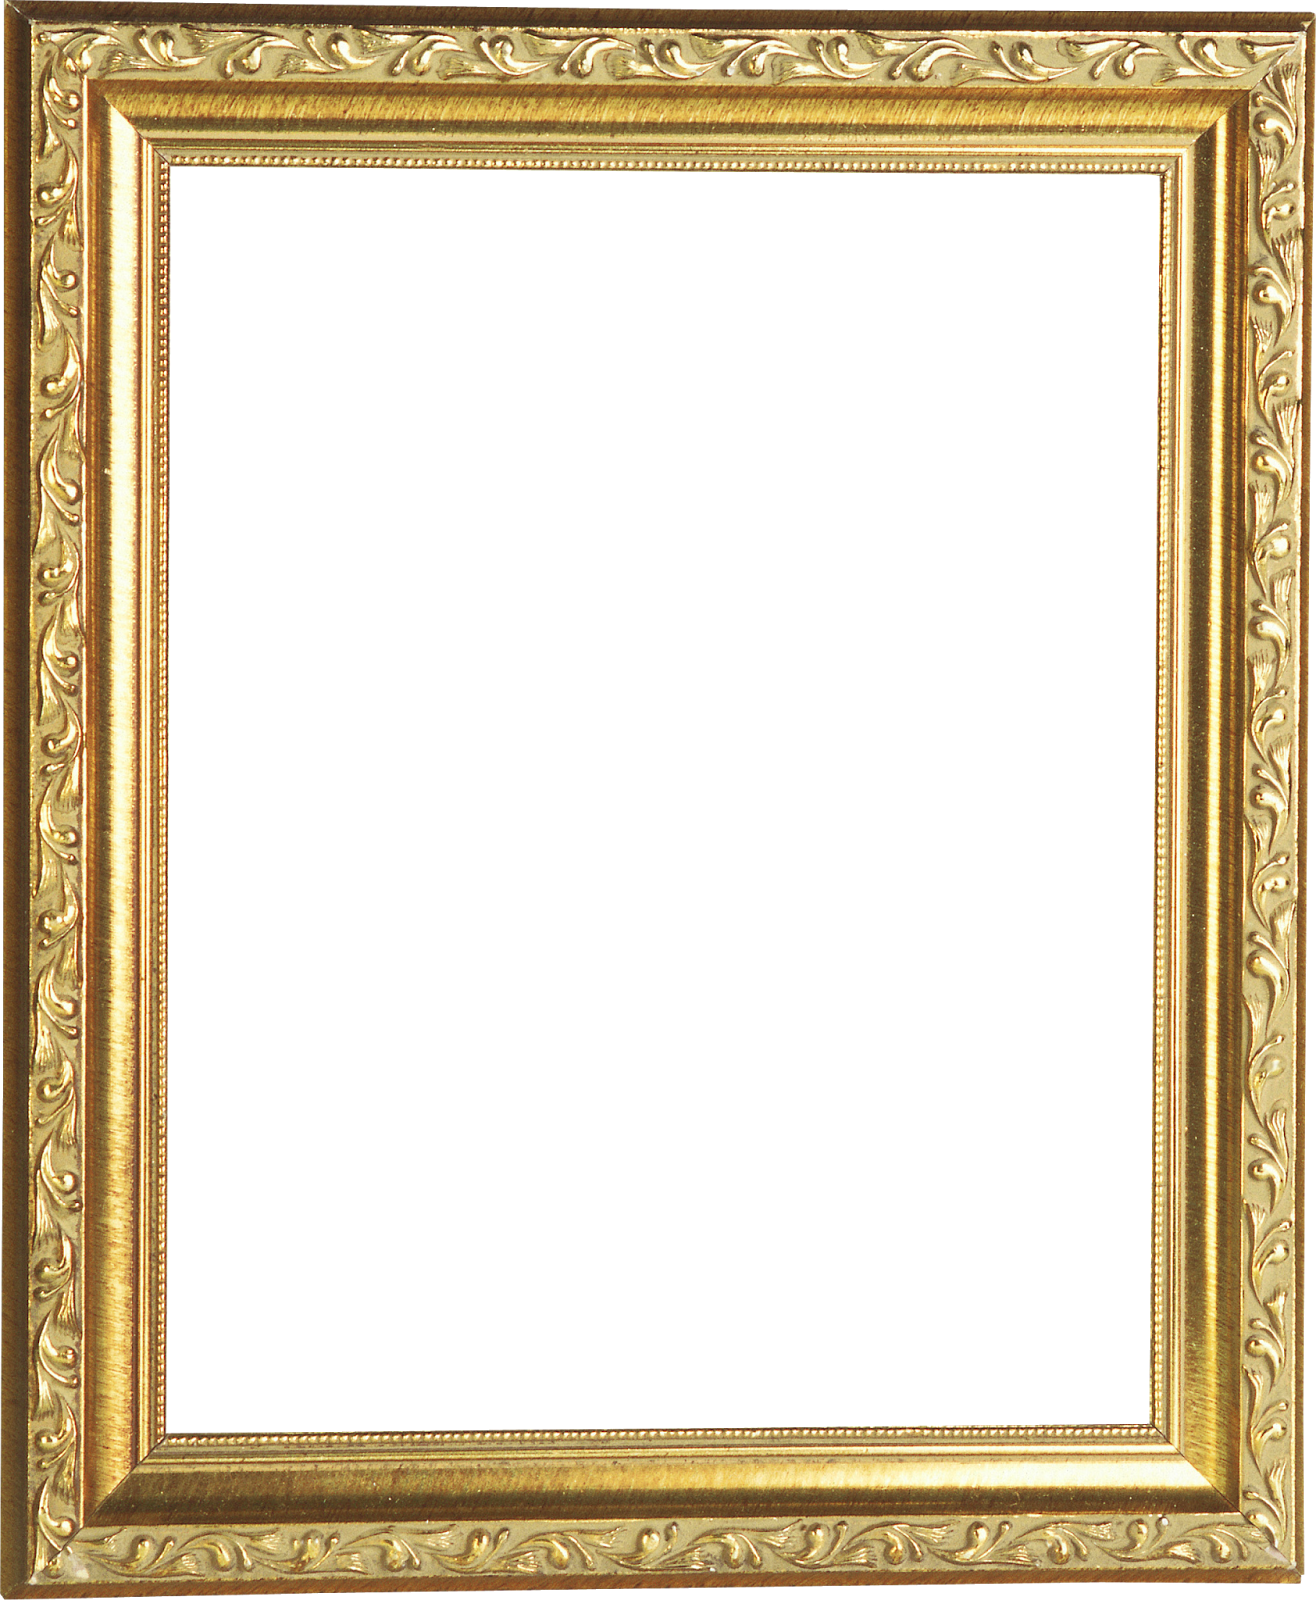 Tablas y marcos para poemas marcos dorados para fotos - Marcos para fotos economicos ...